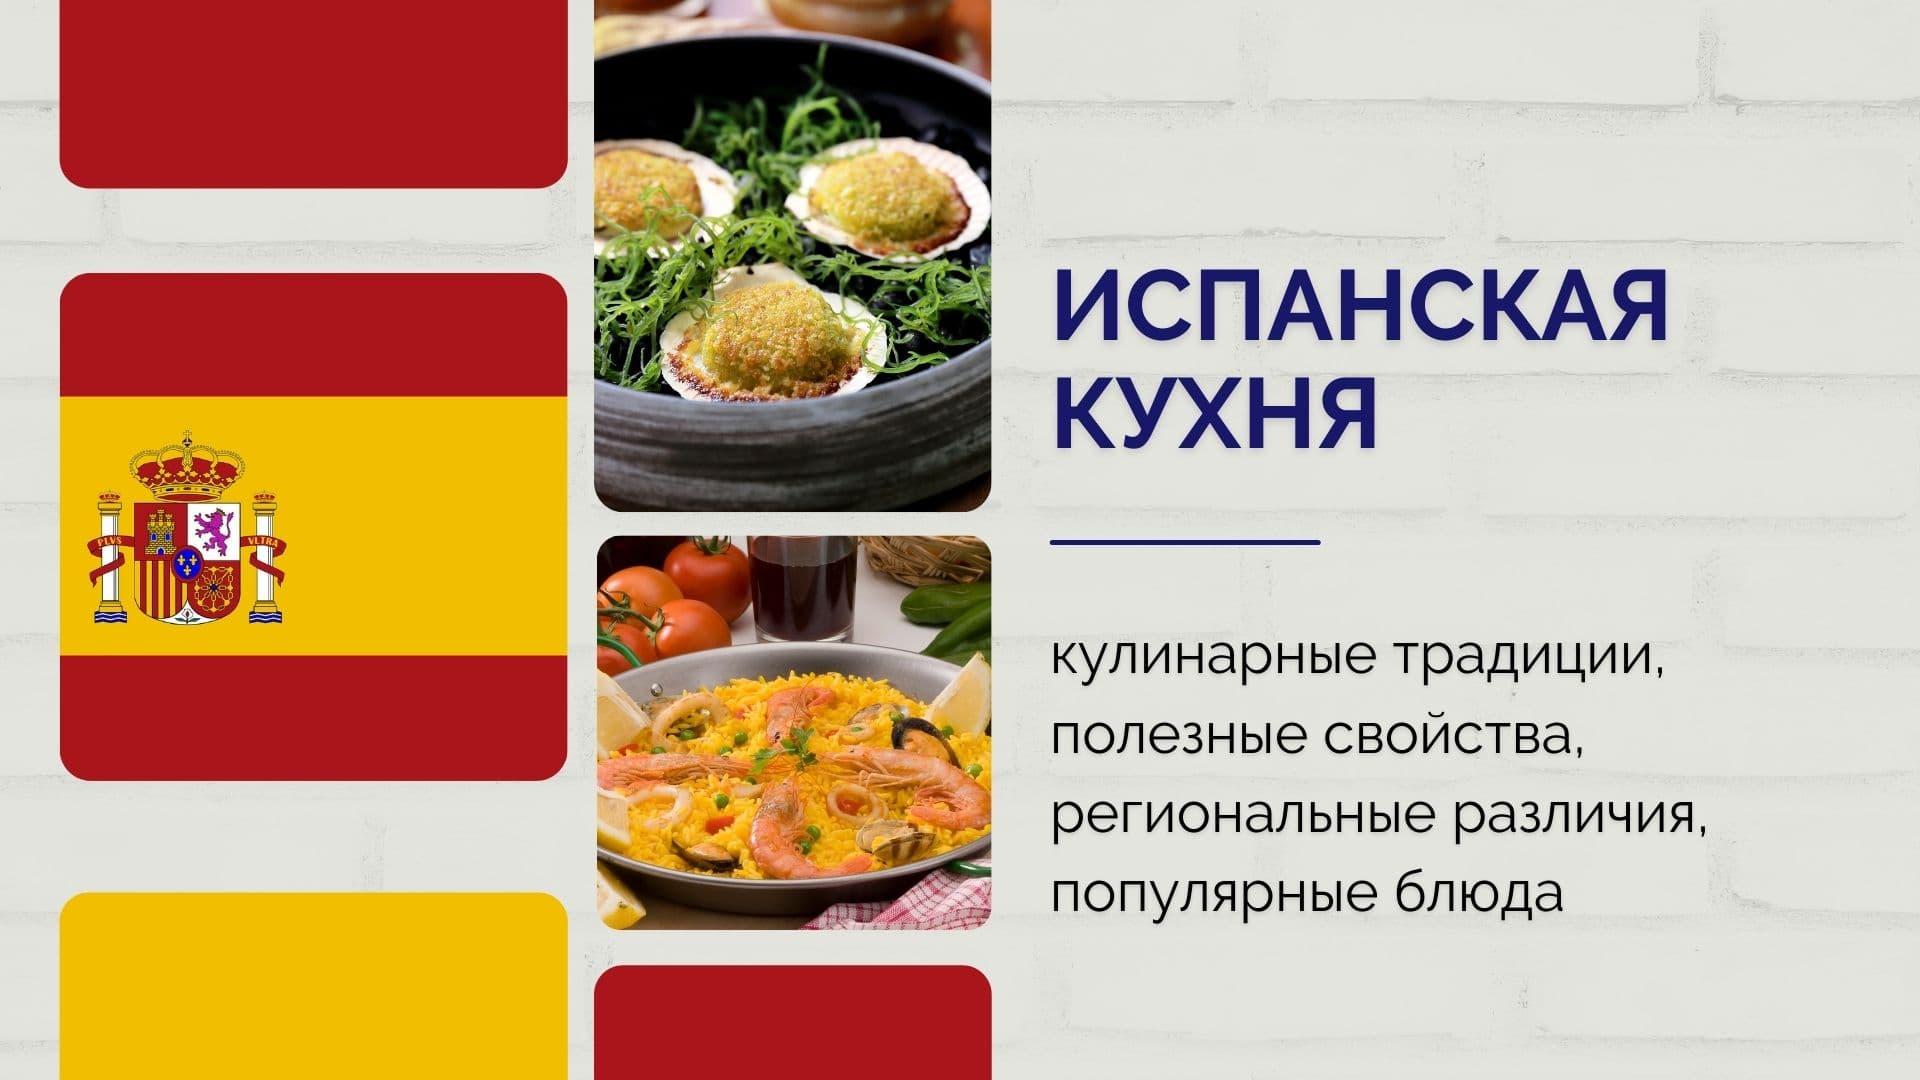 Испанская кухня: кулинарные традиции, полезные свойства, региональные различия, популярные блюда